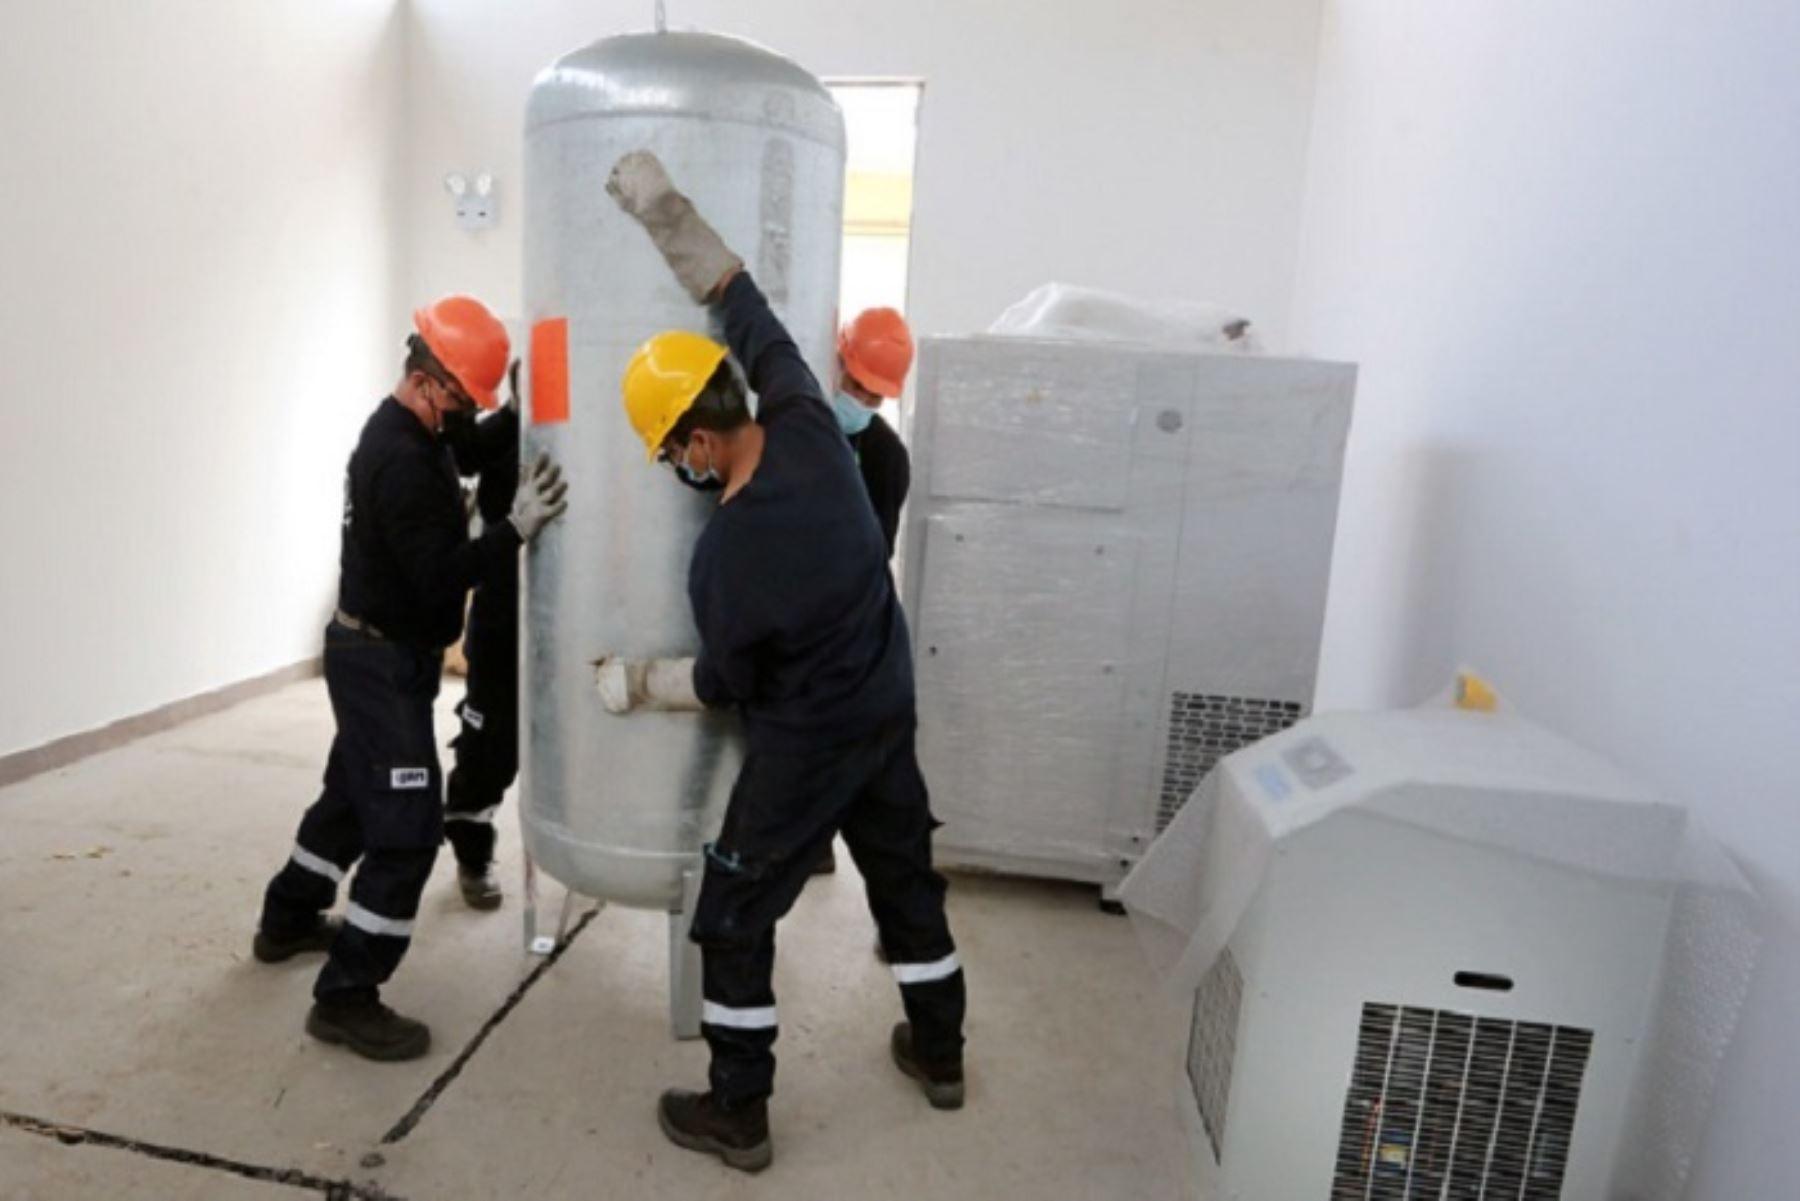 Moderna planta de oxígeno medicinal tiene una capacidad de producción de 20 metros cúbicos hora, para abastecer 40 cilindros de 10 metros cúbicos por día.